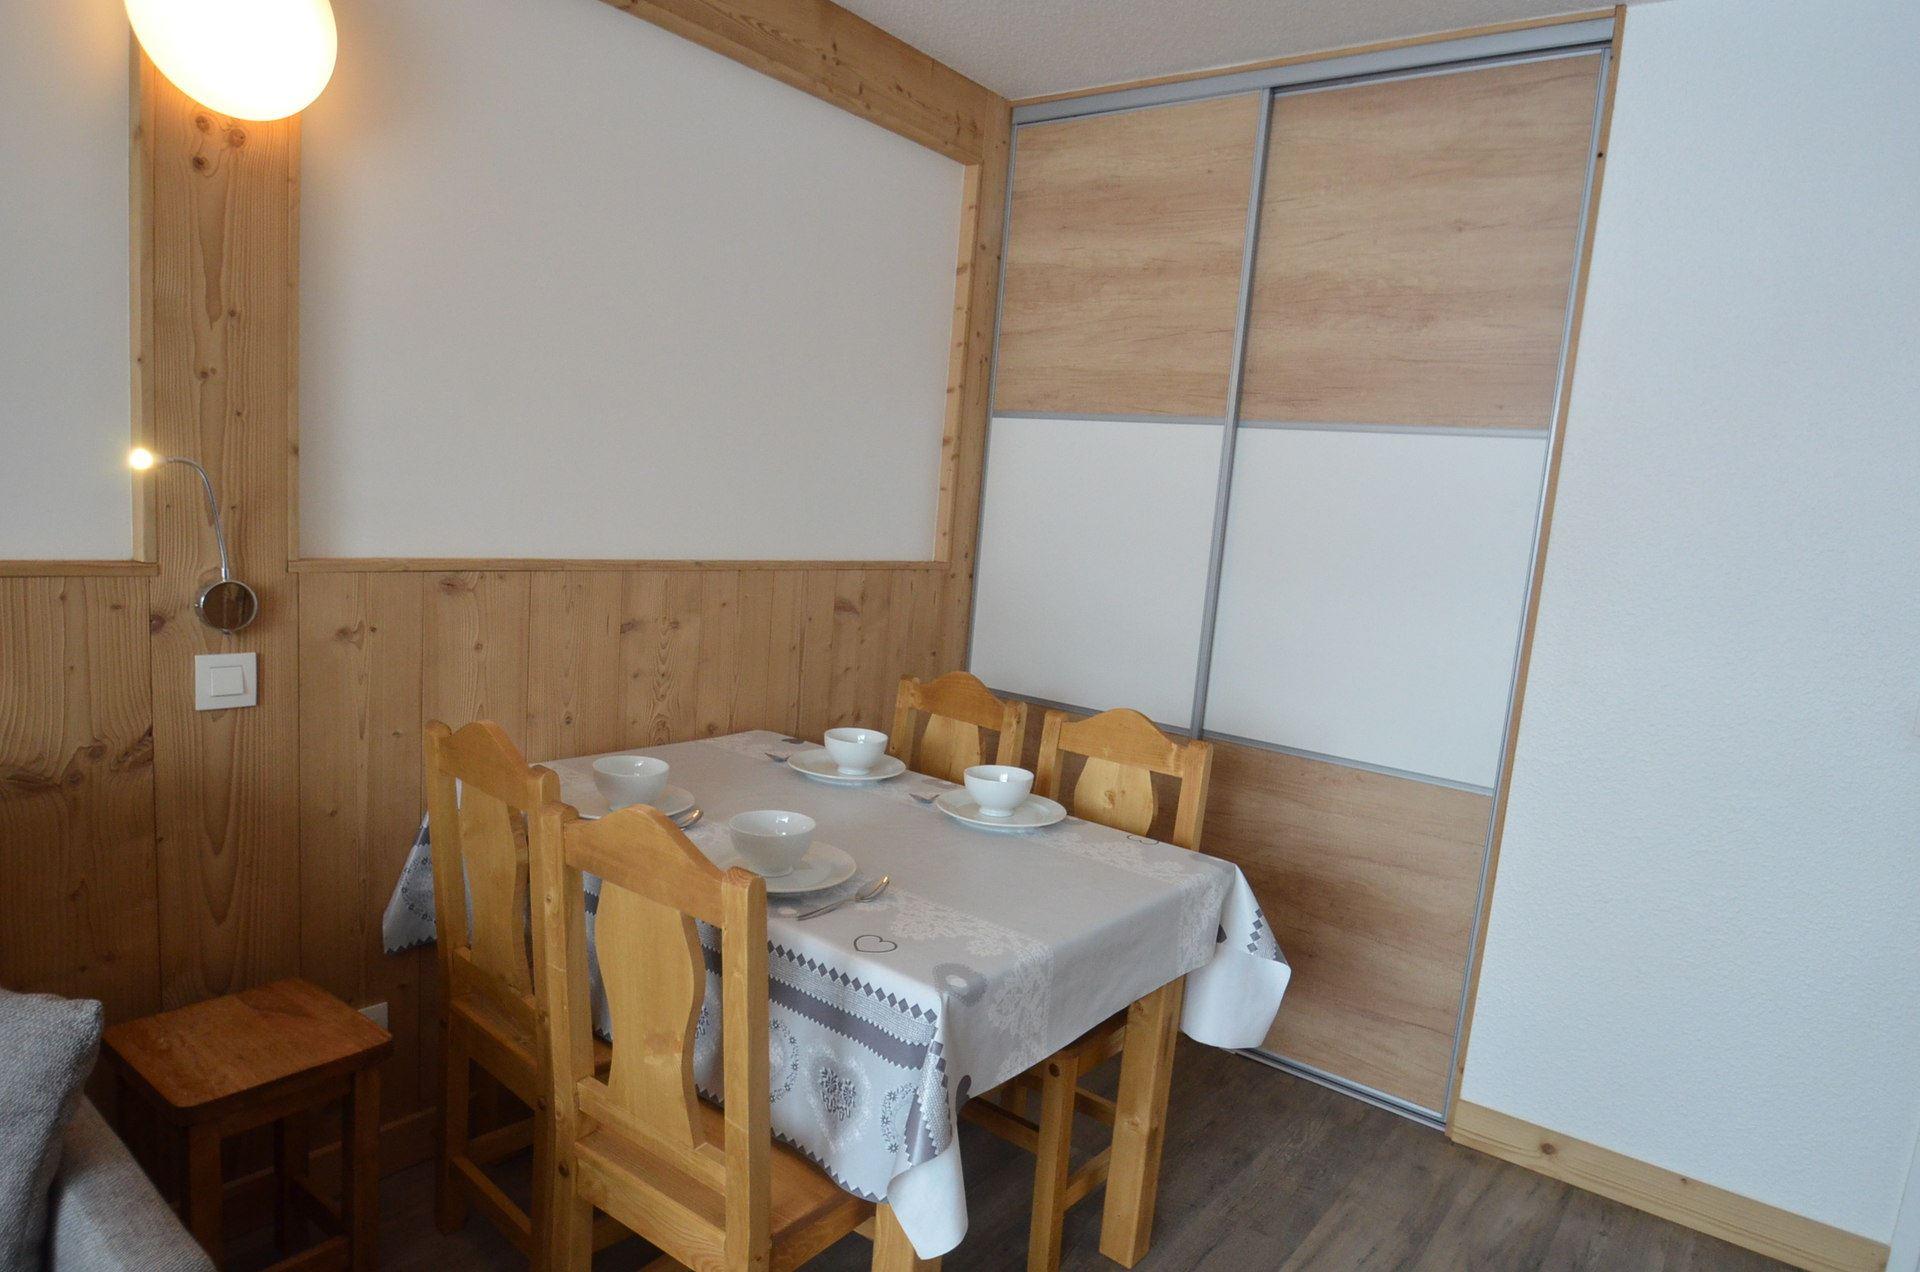 Studio 4 Pers skis aux pieds / LAC DU LOU 110